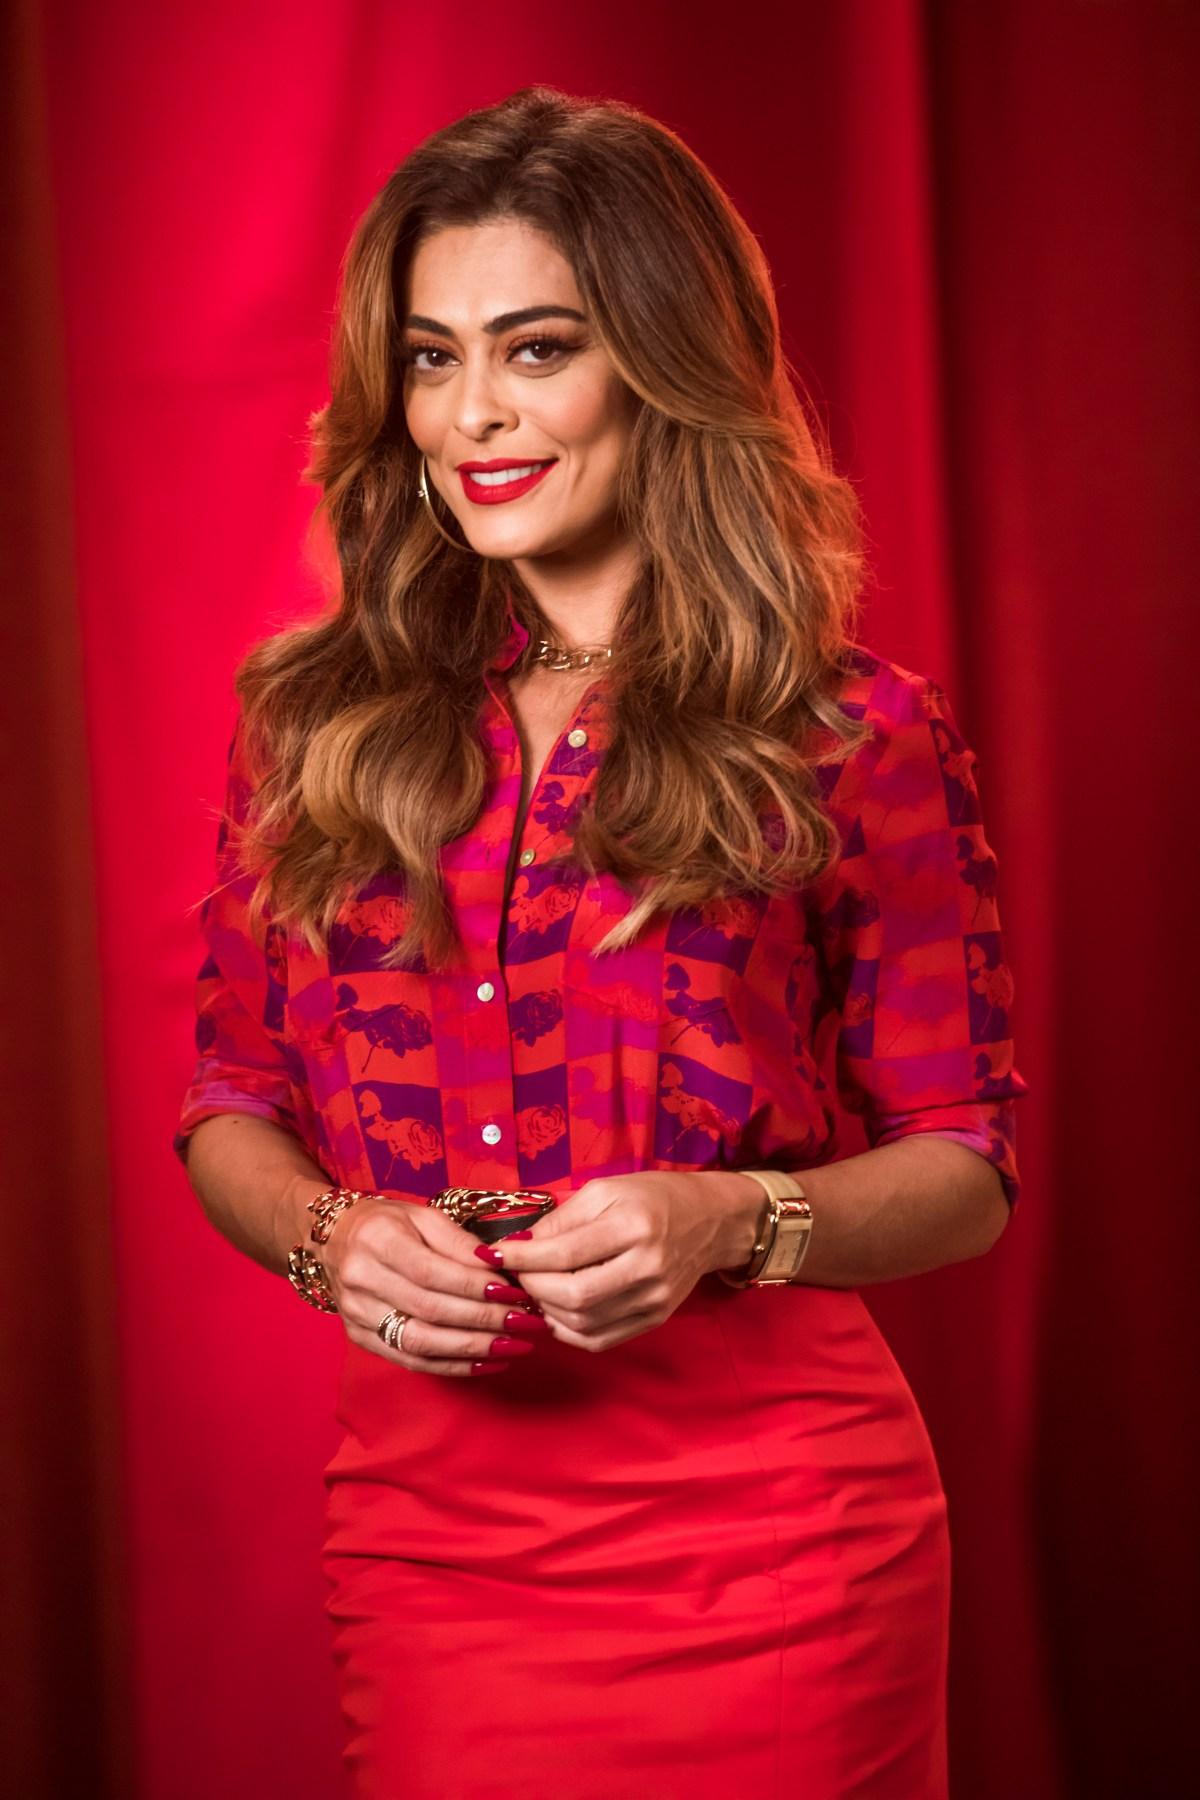 """Juliana Paes is María de la Paz in """"Sweet ambition""""."""